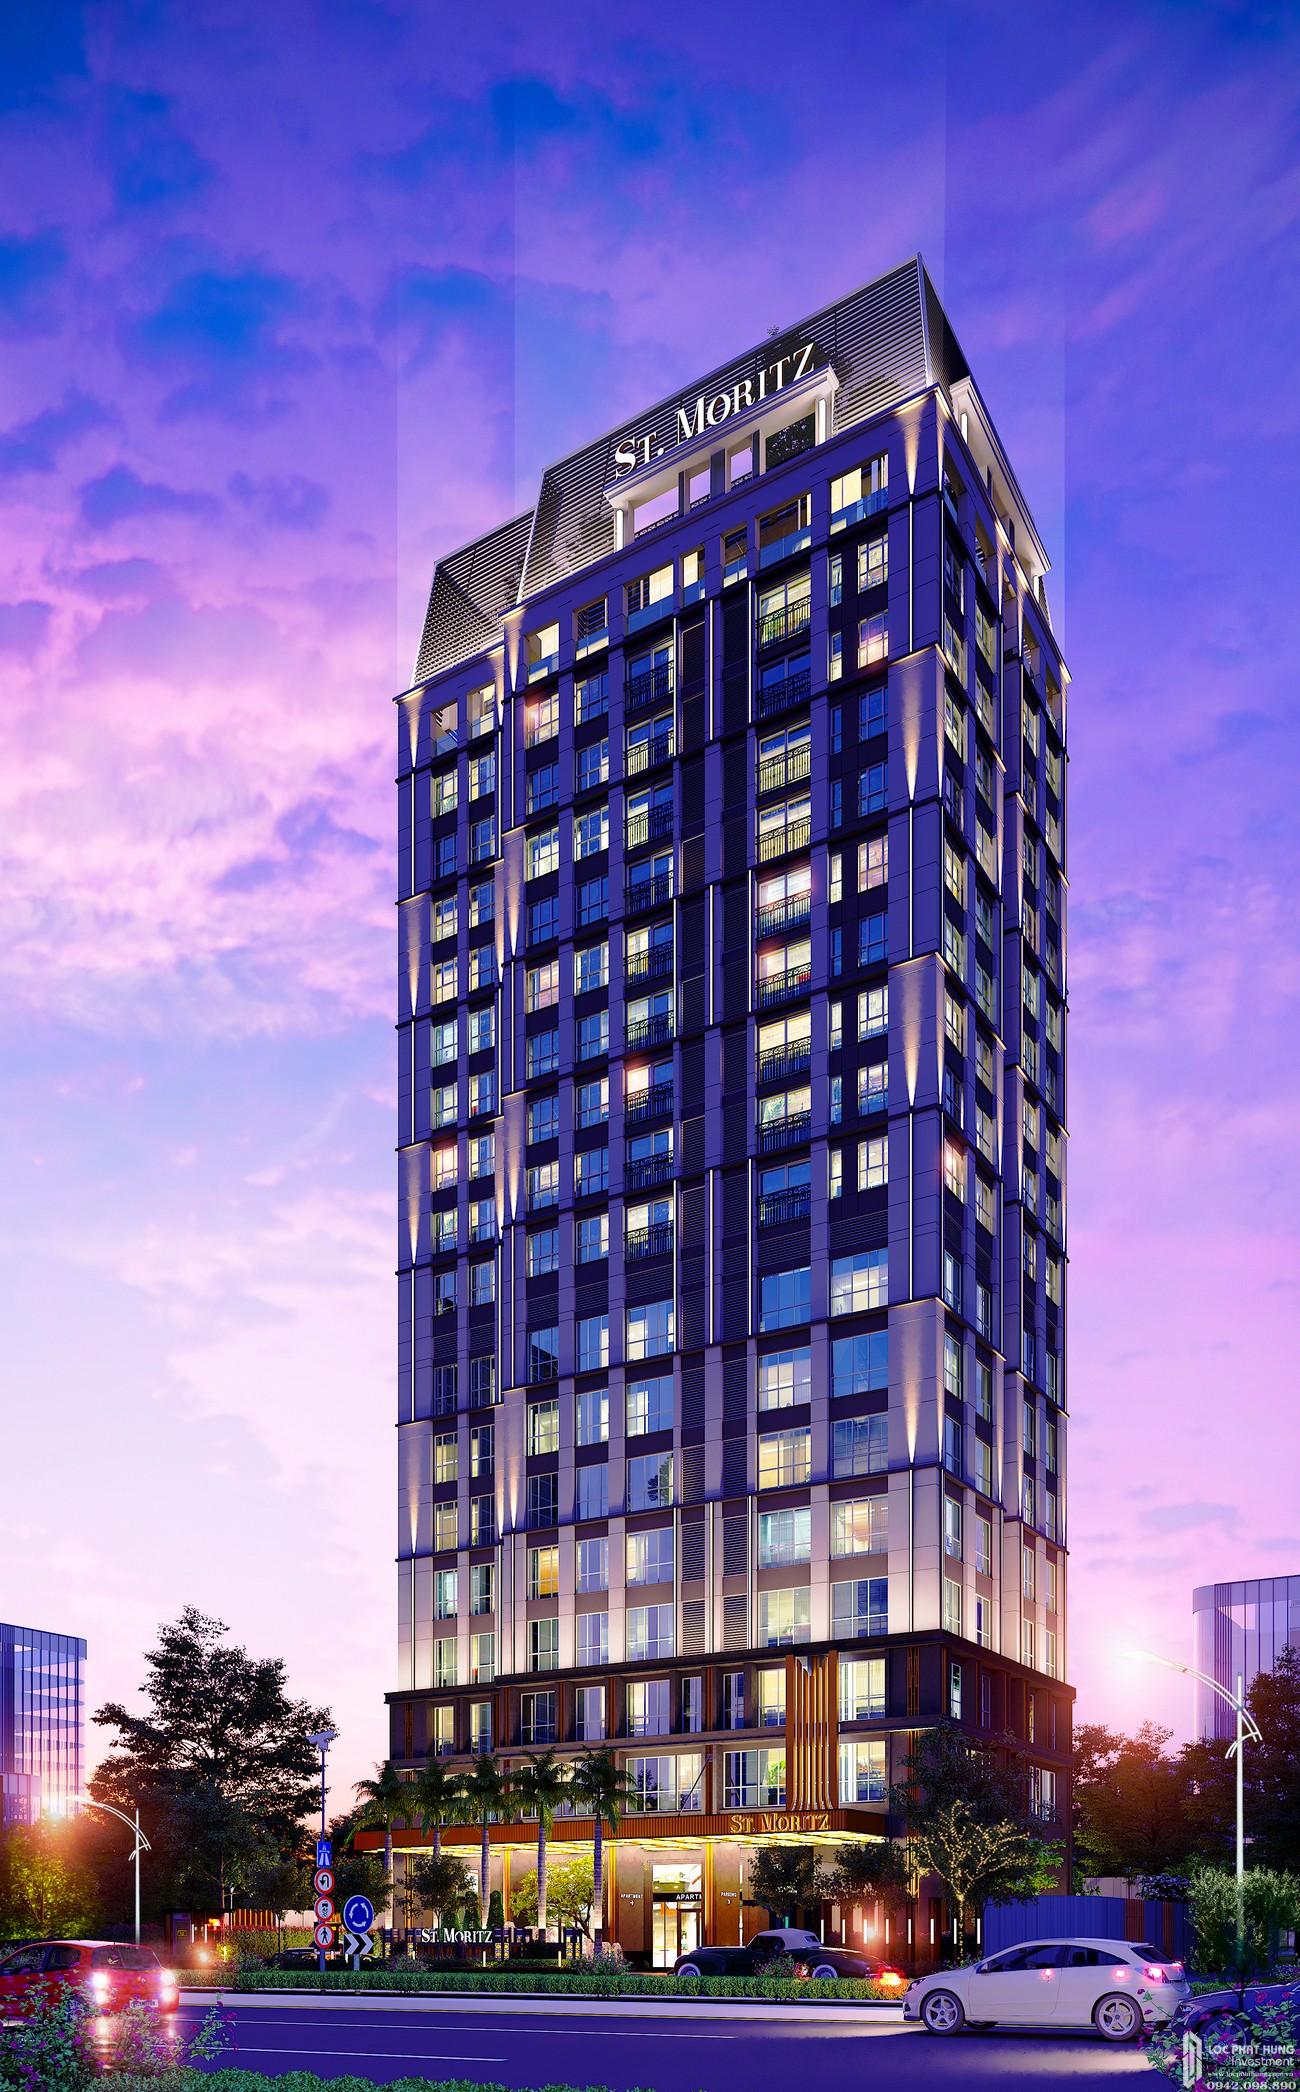 Phối cảnh dự án căn hộ chung cư ST Moritz Thu Duc Đường Phạm Văn Đồng chủ đầu tư Đất Xanh